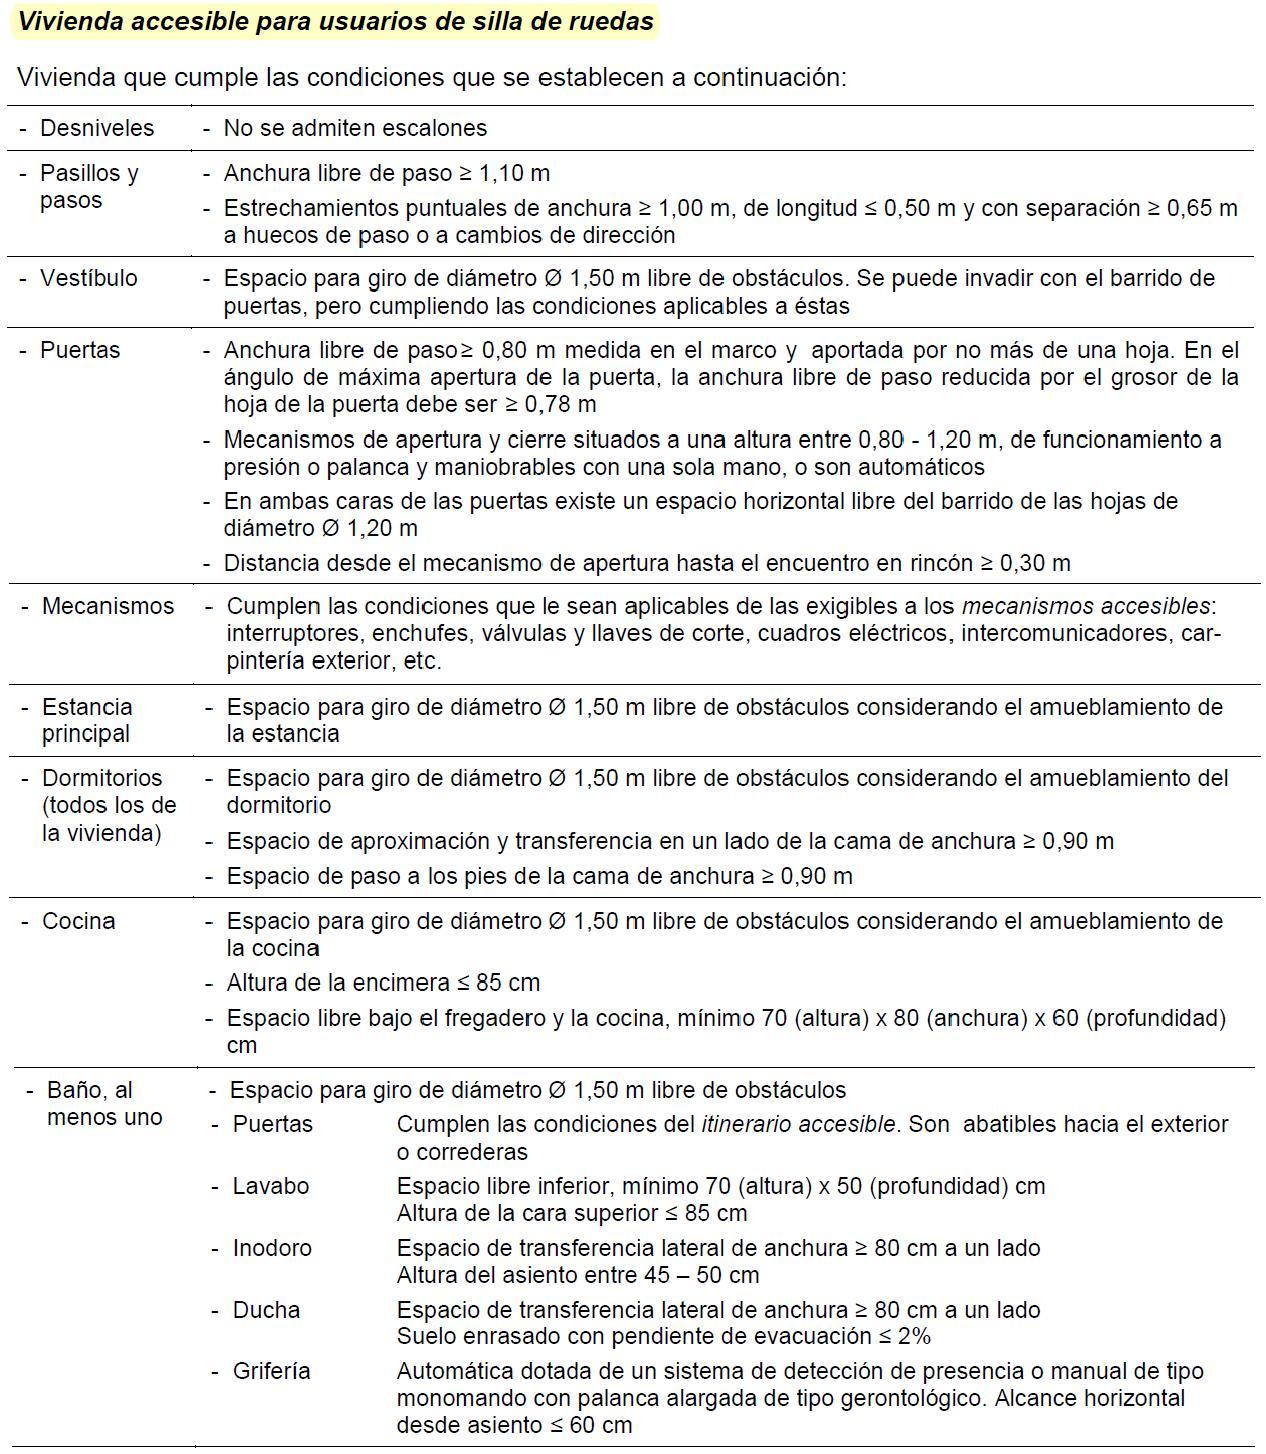 condiciones-vivienda-accesible-san-fernando-Lorca-6